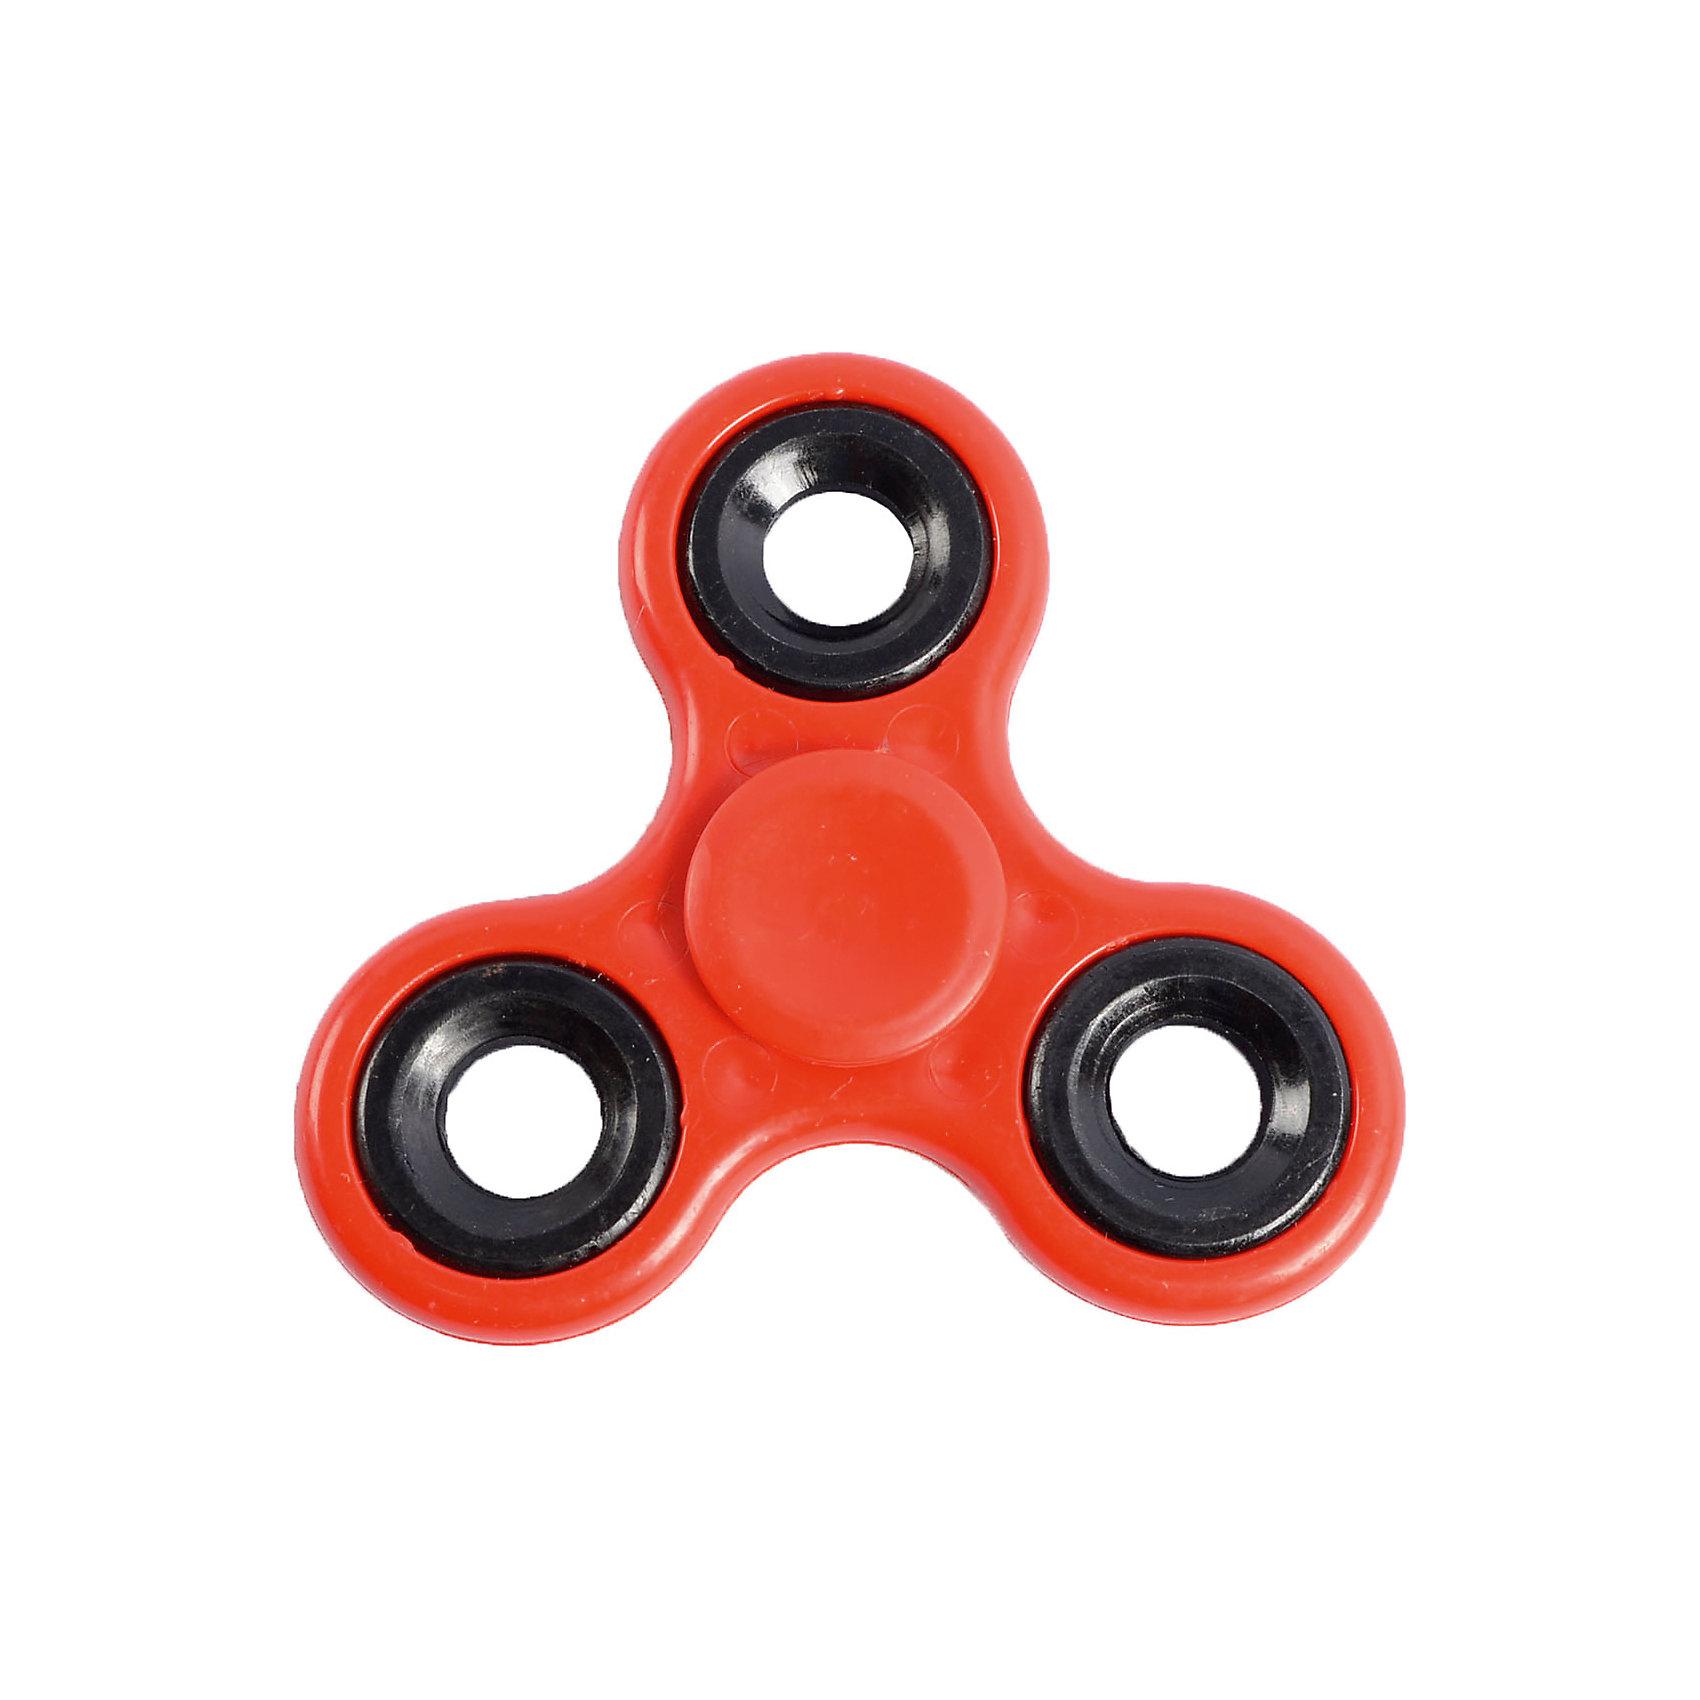 Спиннер для рук, красный, маленький подшипник, Fidget SpinnerИгрушки-антистресс<br>Характеристики товара:<br><br>• цвет: красный;<br>• материал: пластик, металл;<br>• размер упаковки: 7х7х7 см;<br>• вес: 50 грамм;<br>• возраст: от  3лет.<br><br>Игрушка спиннер отлично подойдет для людей, которые любят покрутить что-нибудь в руках. Gyro Spinner состоит из маленького подшипника и трех лопастей, имеющих крестообразное расположение. <br><br>Чтобы спиннер начал крутиться, нужно запустить его, держась за центральный подшипник. Движения спиннера плавные, равномерные и практически бесшумные. Игра со спиннером способствует развитию моторики рук, а также помогает успокоиться и расслабиться. Небольшой размер спиннера удобен, чтобы всегда брать игрушку с собой. Крутить его можно на учебе, на работе, в метро и в любом удобном месте.<br><br>Спиннер для рук, красный, маленький подшипник, Fidget Spinner (Фиджет Спиннер) можно купить в нашем интернет-магазине.<br><br>Ширина мм: 70<br>Глубина мм: 70<br>Высота мм: 70<br>Вес г: 50<br>Возраст от месяцев: 36<br>Возраст до месяцев: 2147483647<br>Пол: Унисекс<br>Возраст: Детский<br>SKU: 6970790